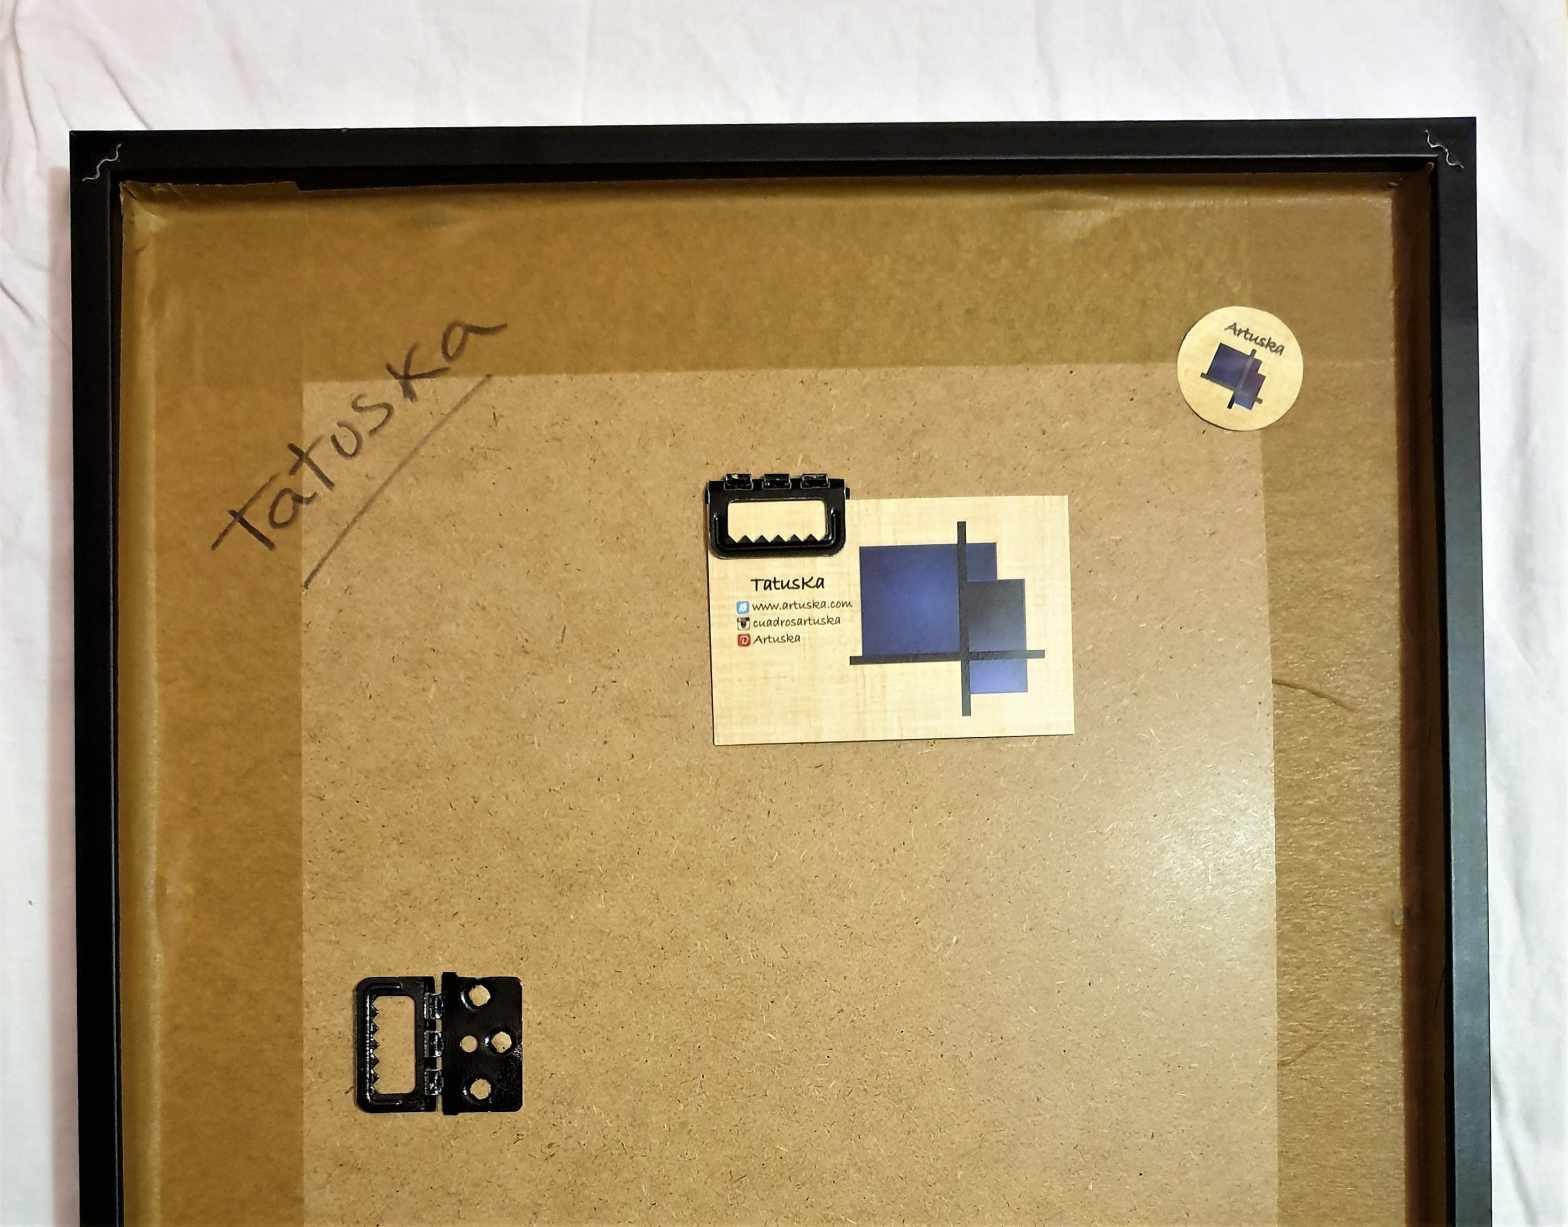 Detalle de la parte trasera de un cuadro preparado para envío al cliente